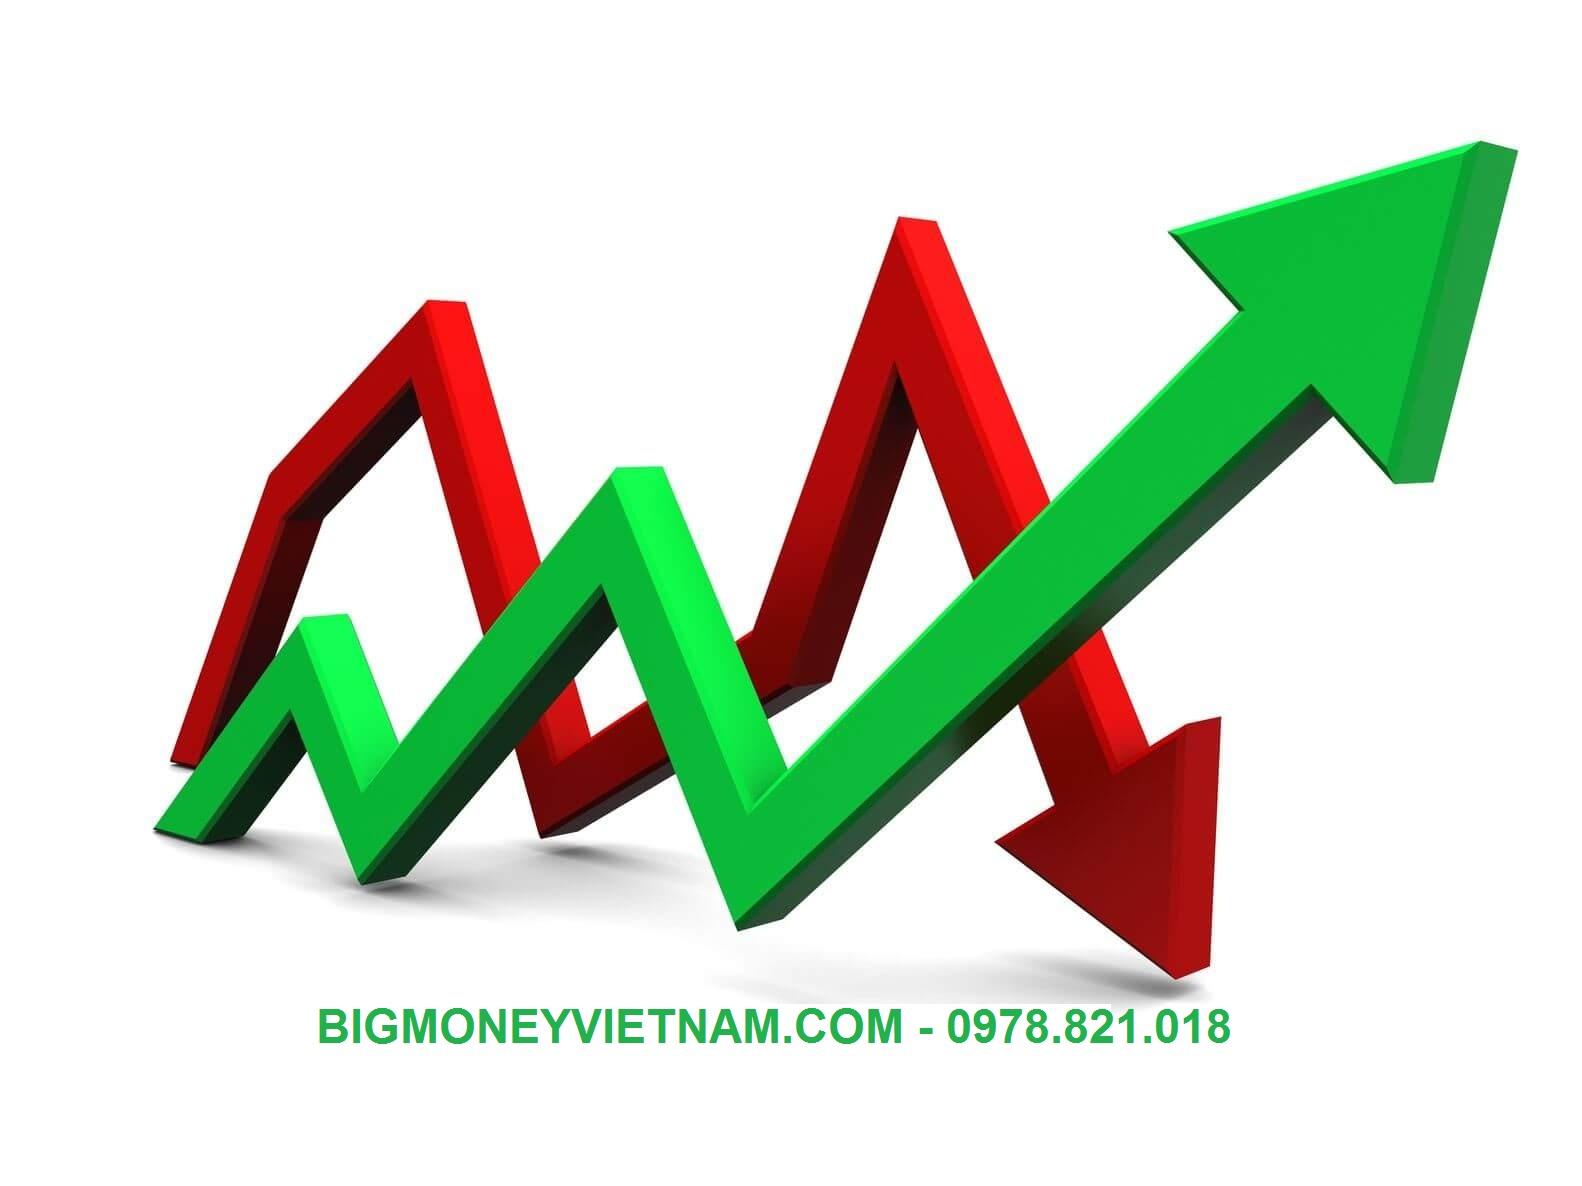 Review thị trường chứng khoán phiên giao dịch ngày 08/11/2018 – Thị trường không điểm nhấn!